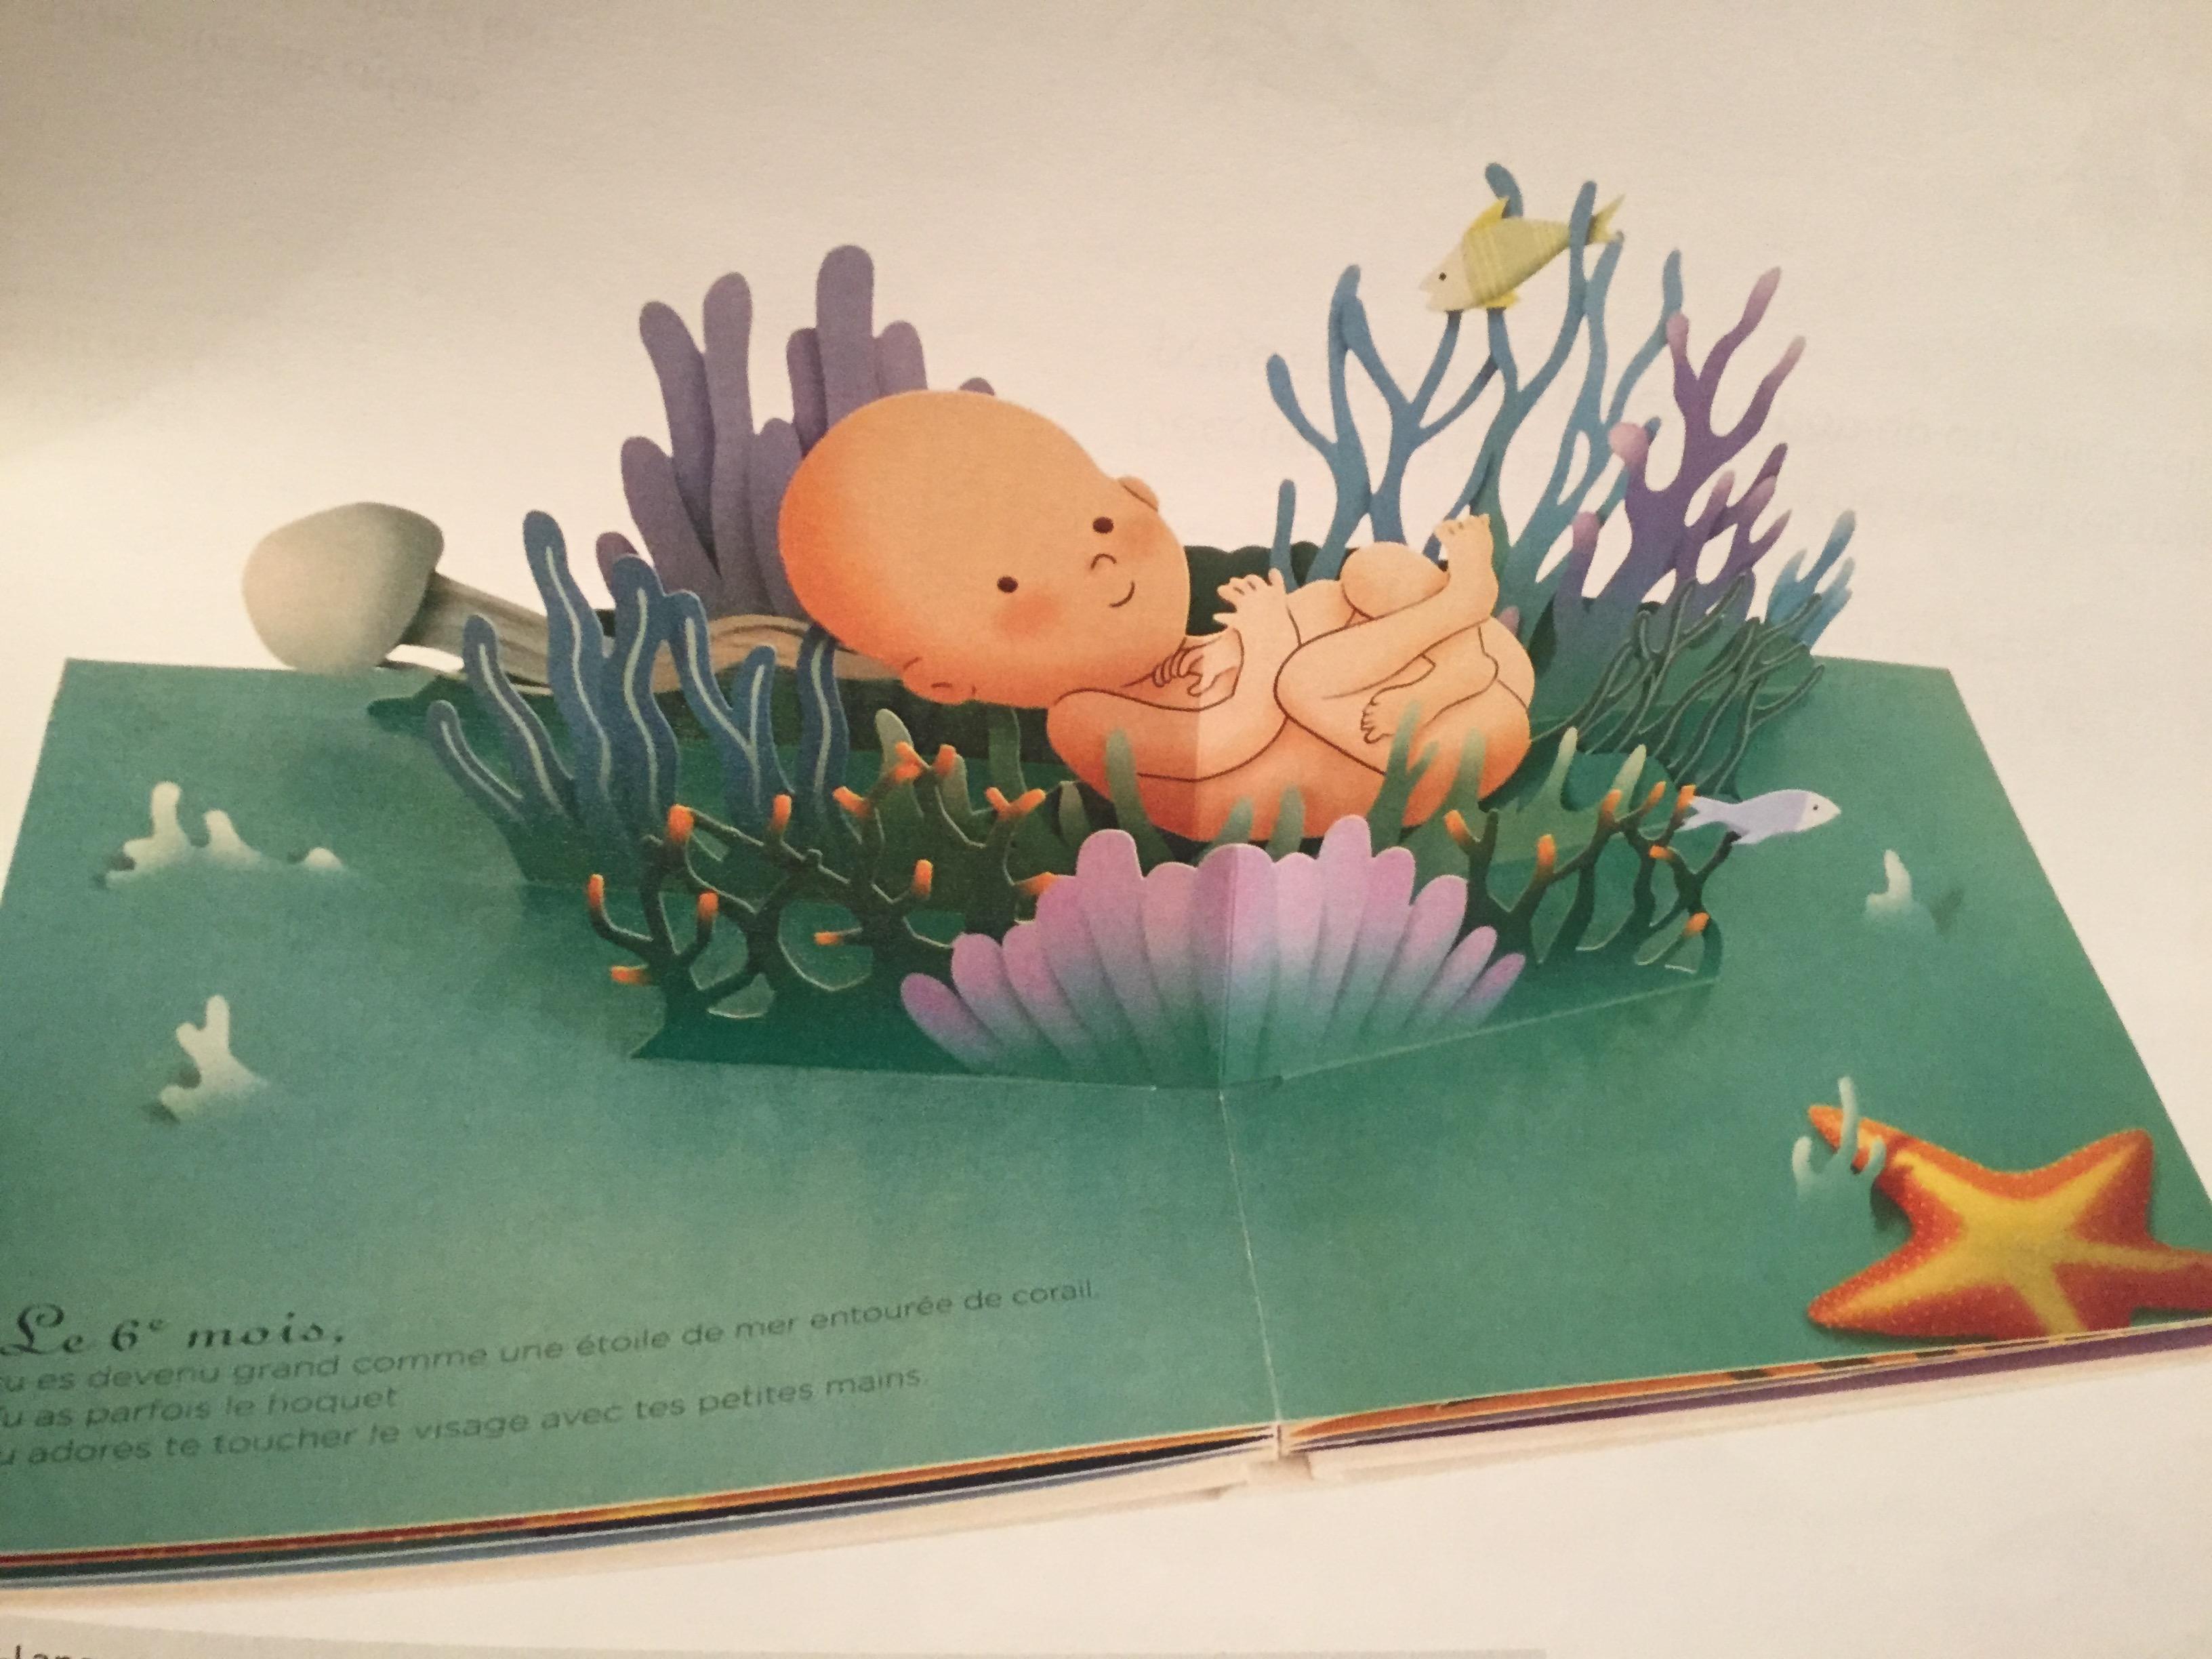 Un Merveilleux Livre Pop Up Sur Les Bebes Avant La Naissance